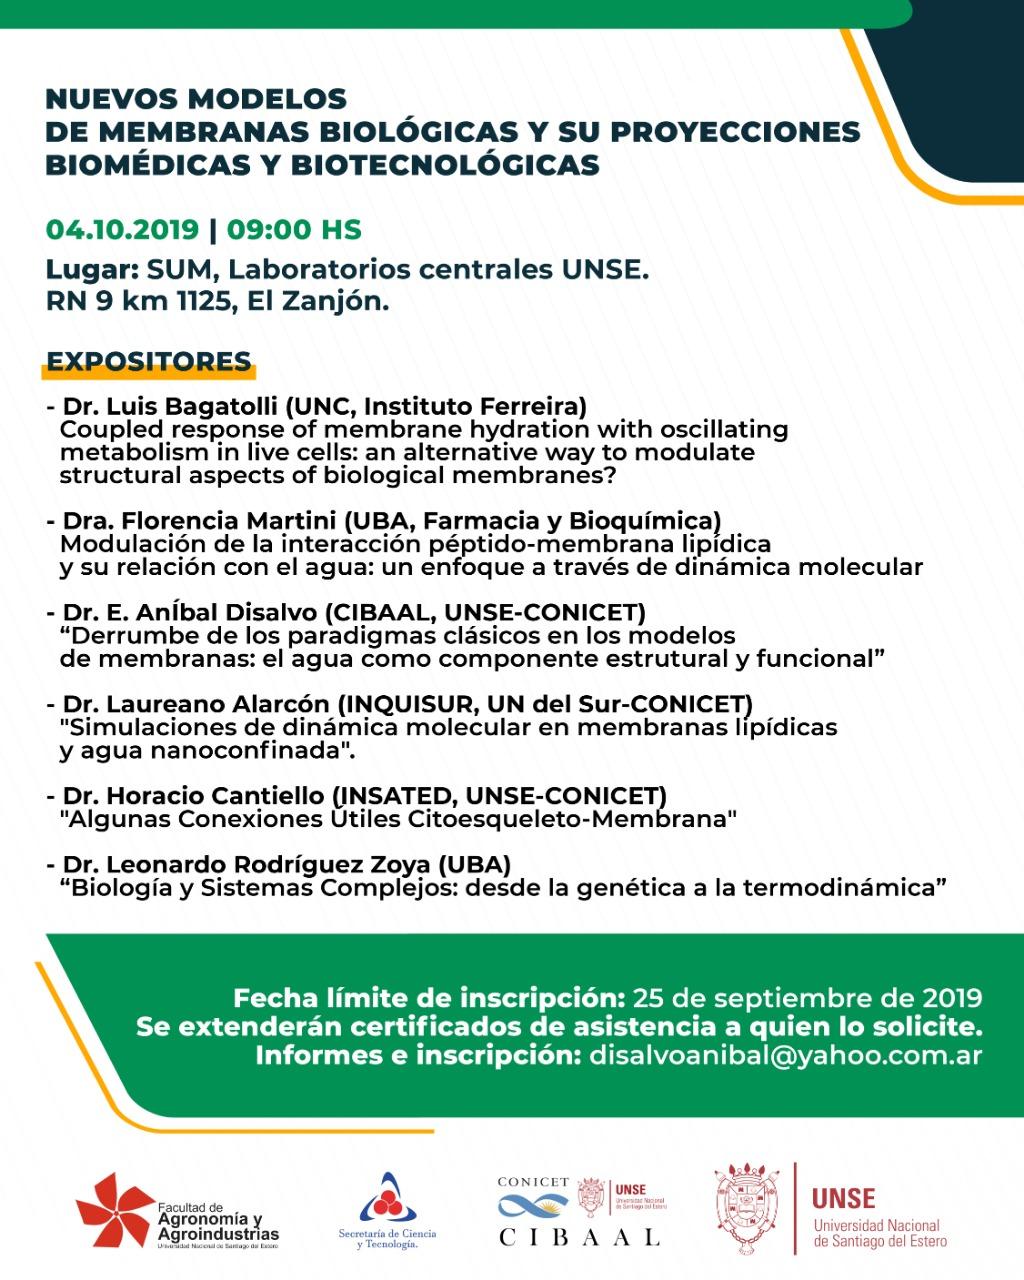 Seminario CIBAAL Santiago del Estero-Nuevos modelos de membranas biológicas